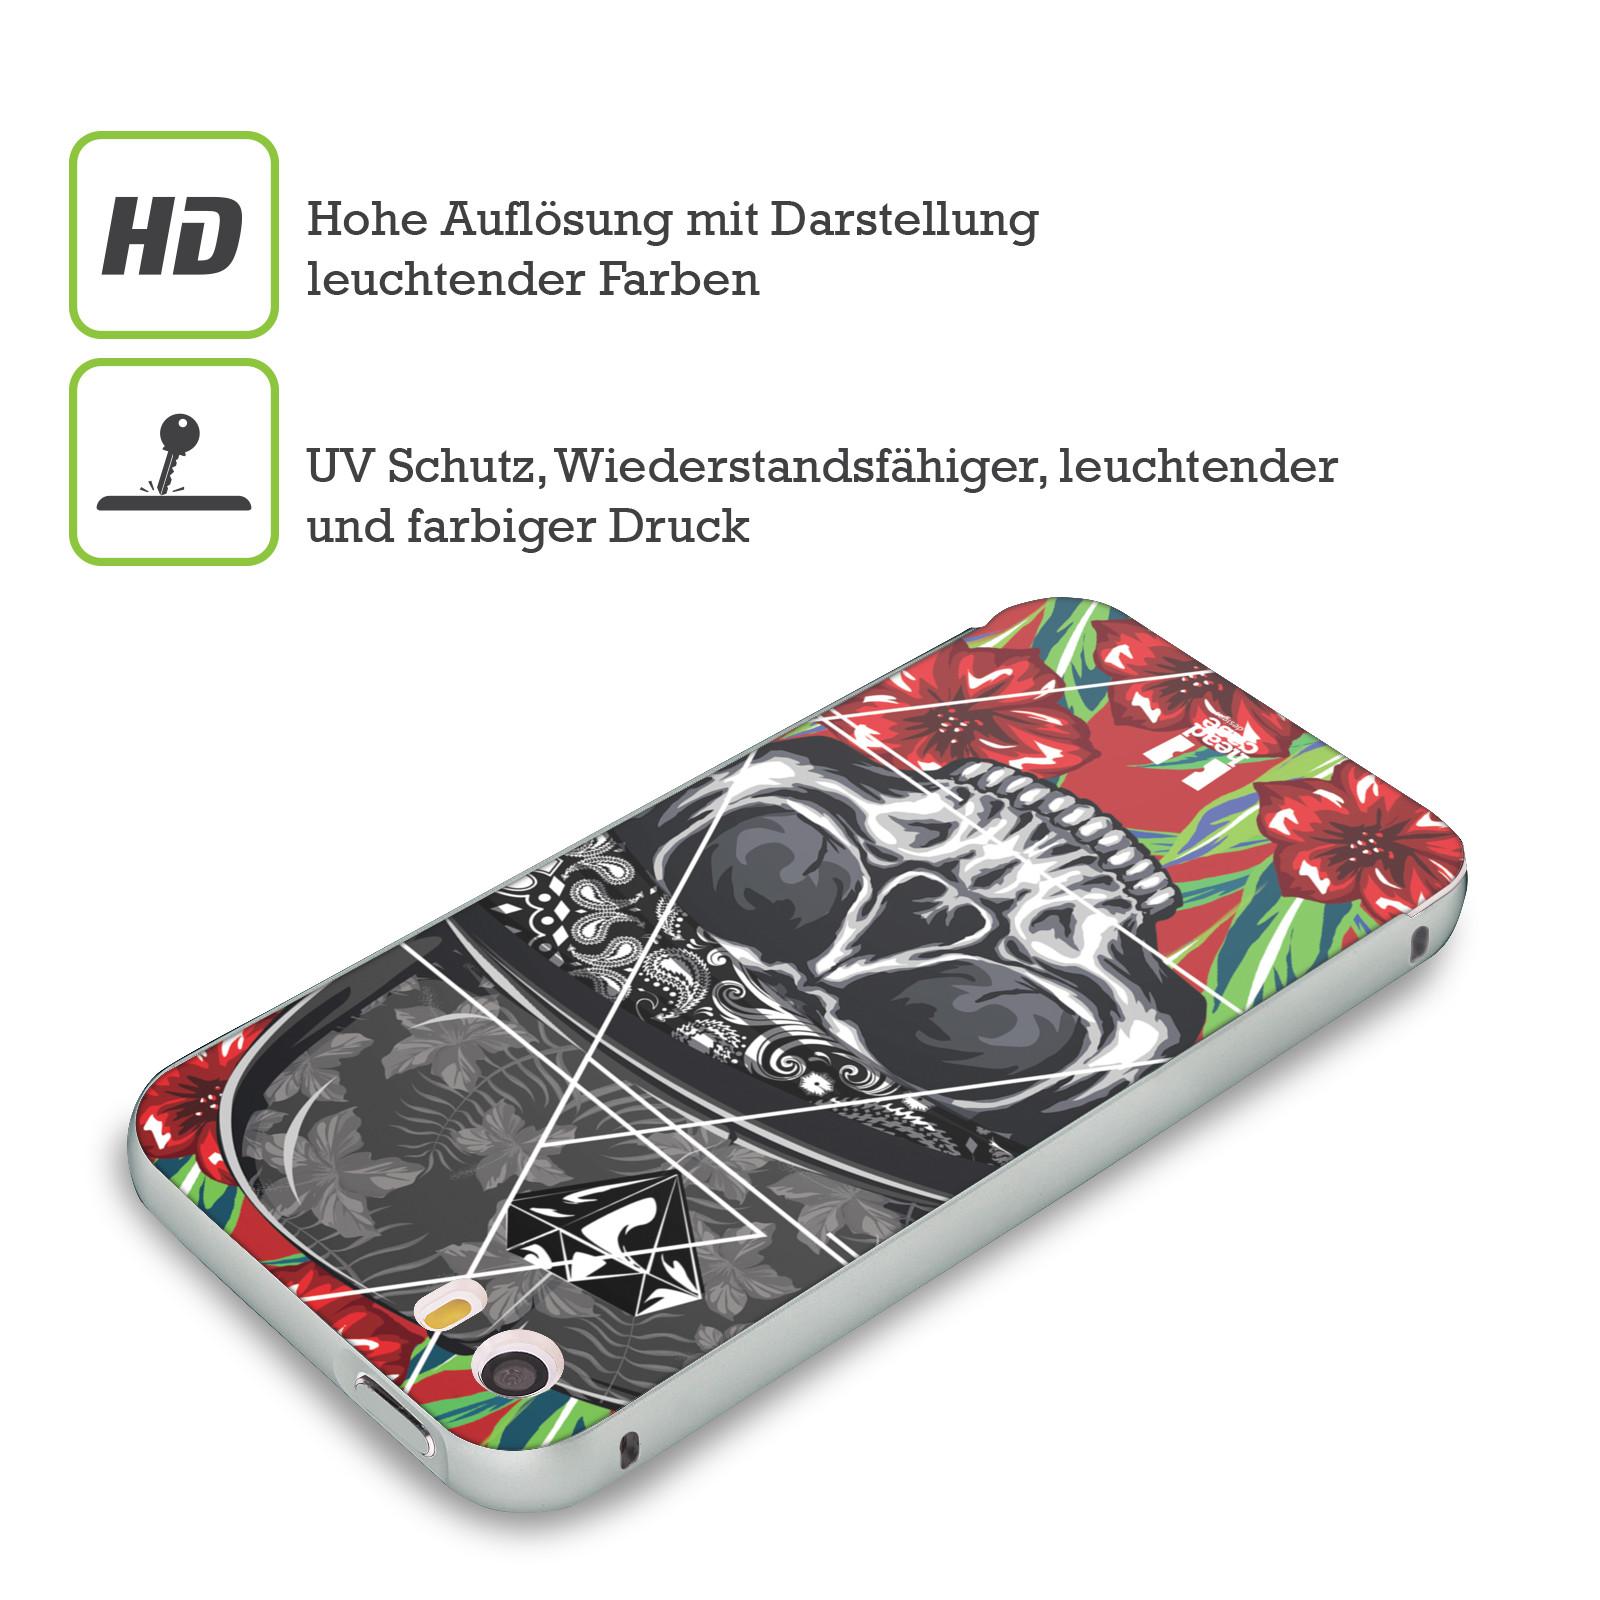 HEAD-CASE-TROPISCHE-SCHADEL-FASHION-SILBER-RAHMEN-HULLE-FUR-APPLE-iPHONE-HANDYS